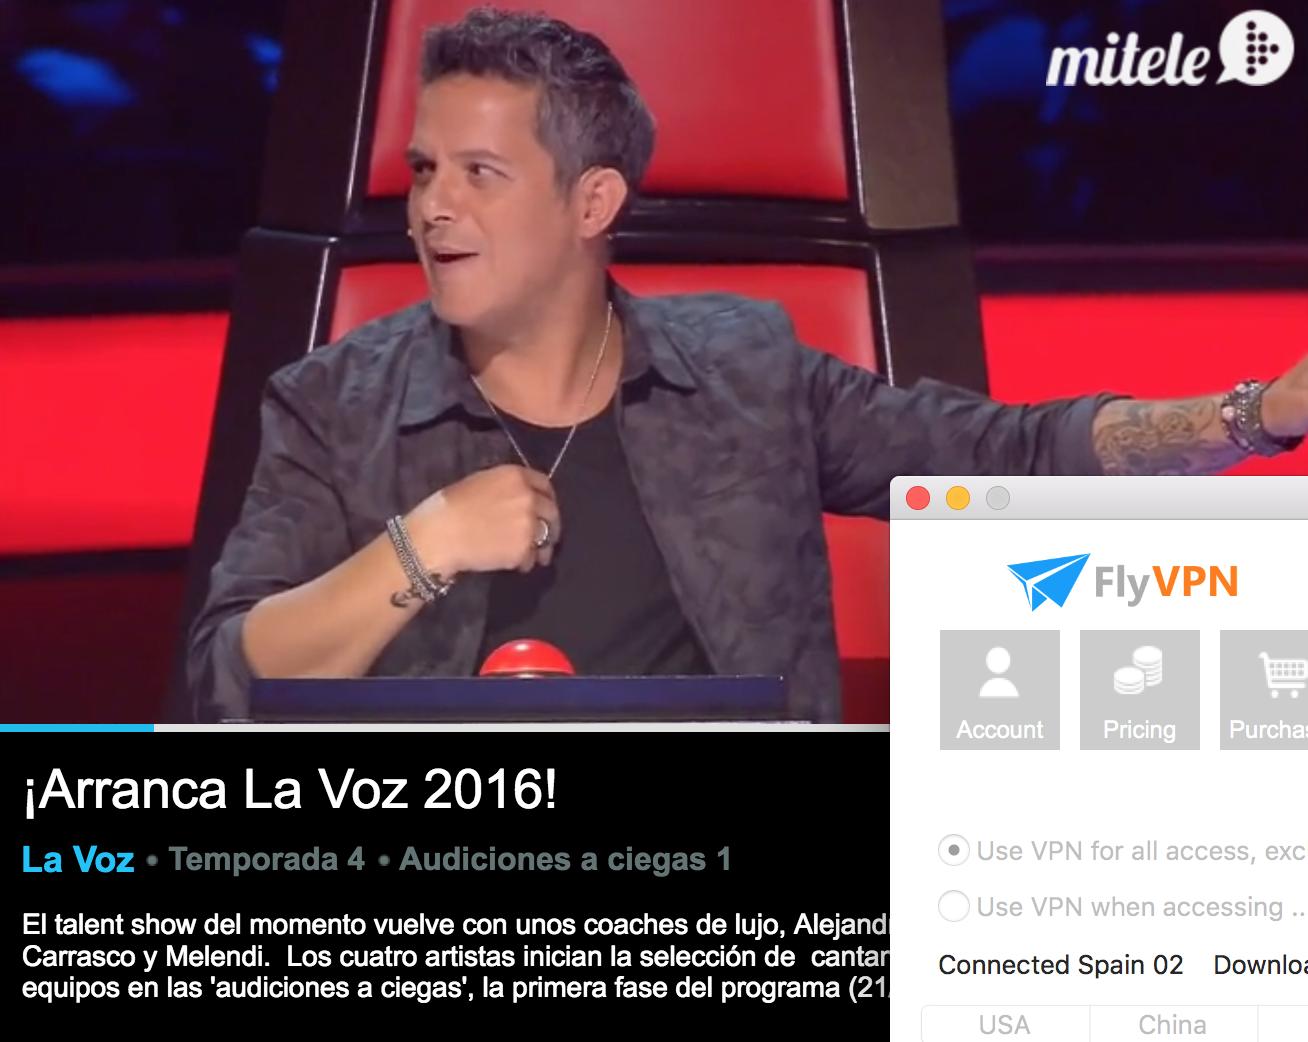 Todo sobre el mundo de los juegos online c mo ver la voz for Ver mitele fuera de espana